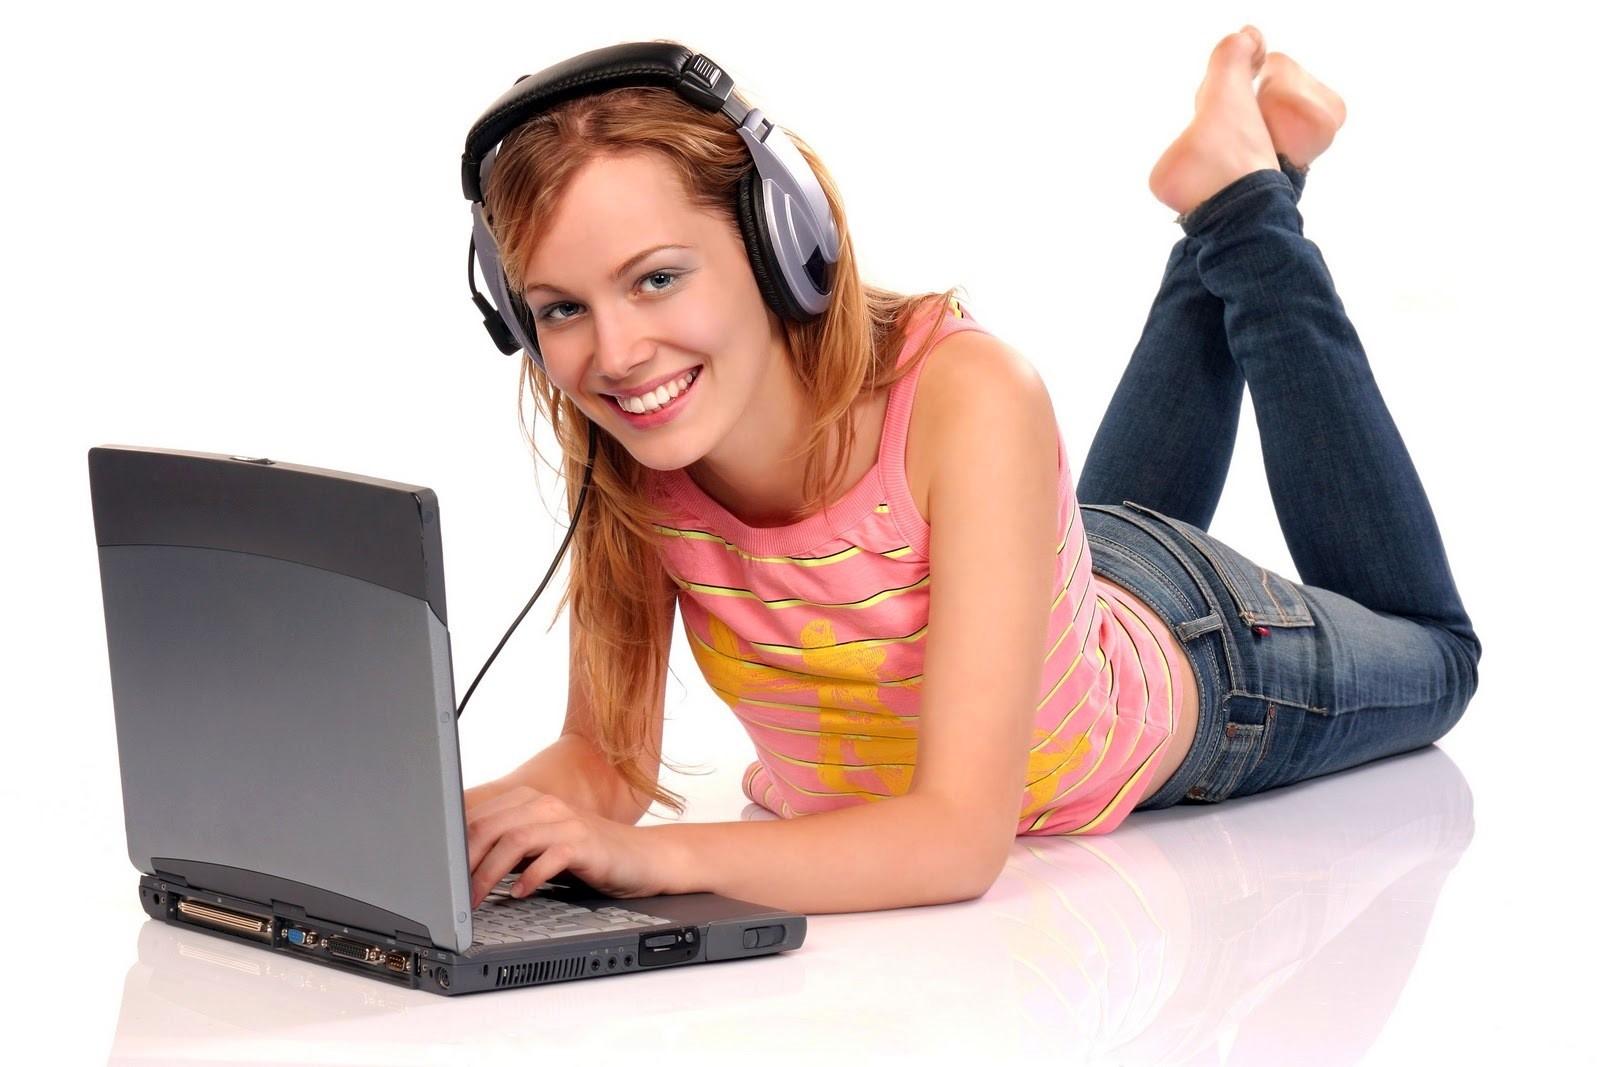 Доступ к удаленному компьютеру через интернет позволяет пользователю управлять своим компьютером с любого места